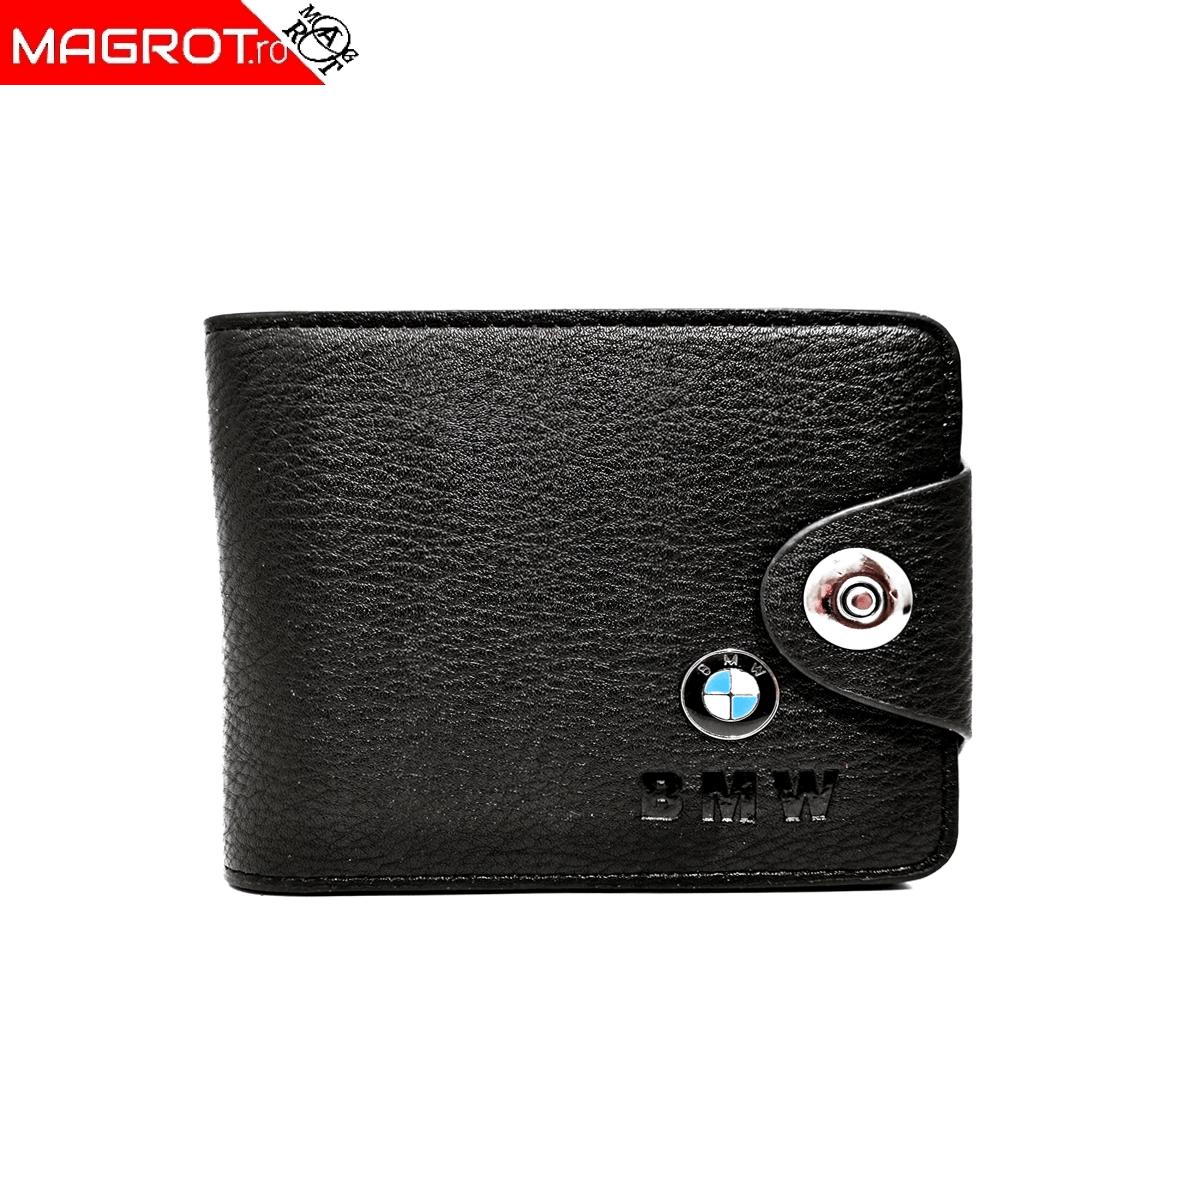 Portofel cu sigla BMW, negru, Magrot 008